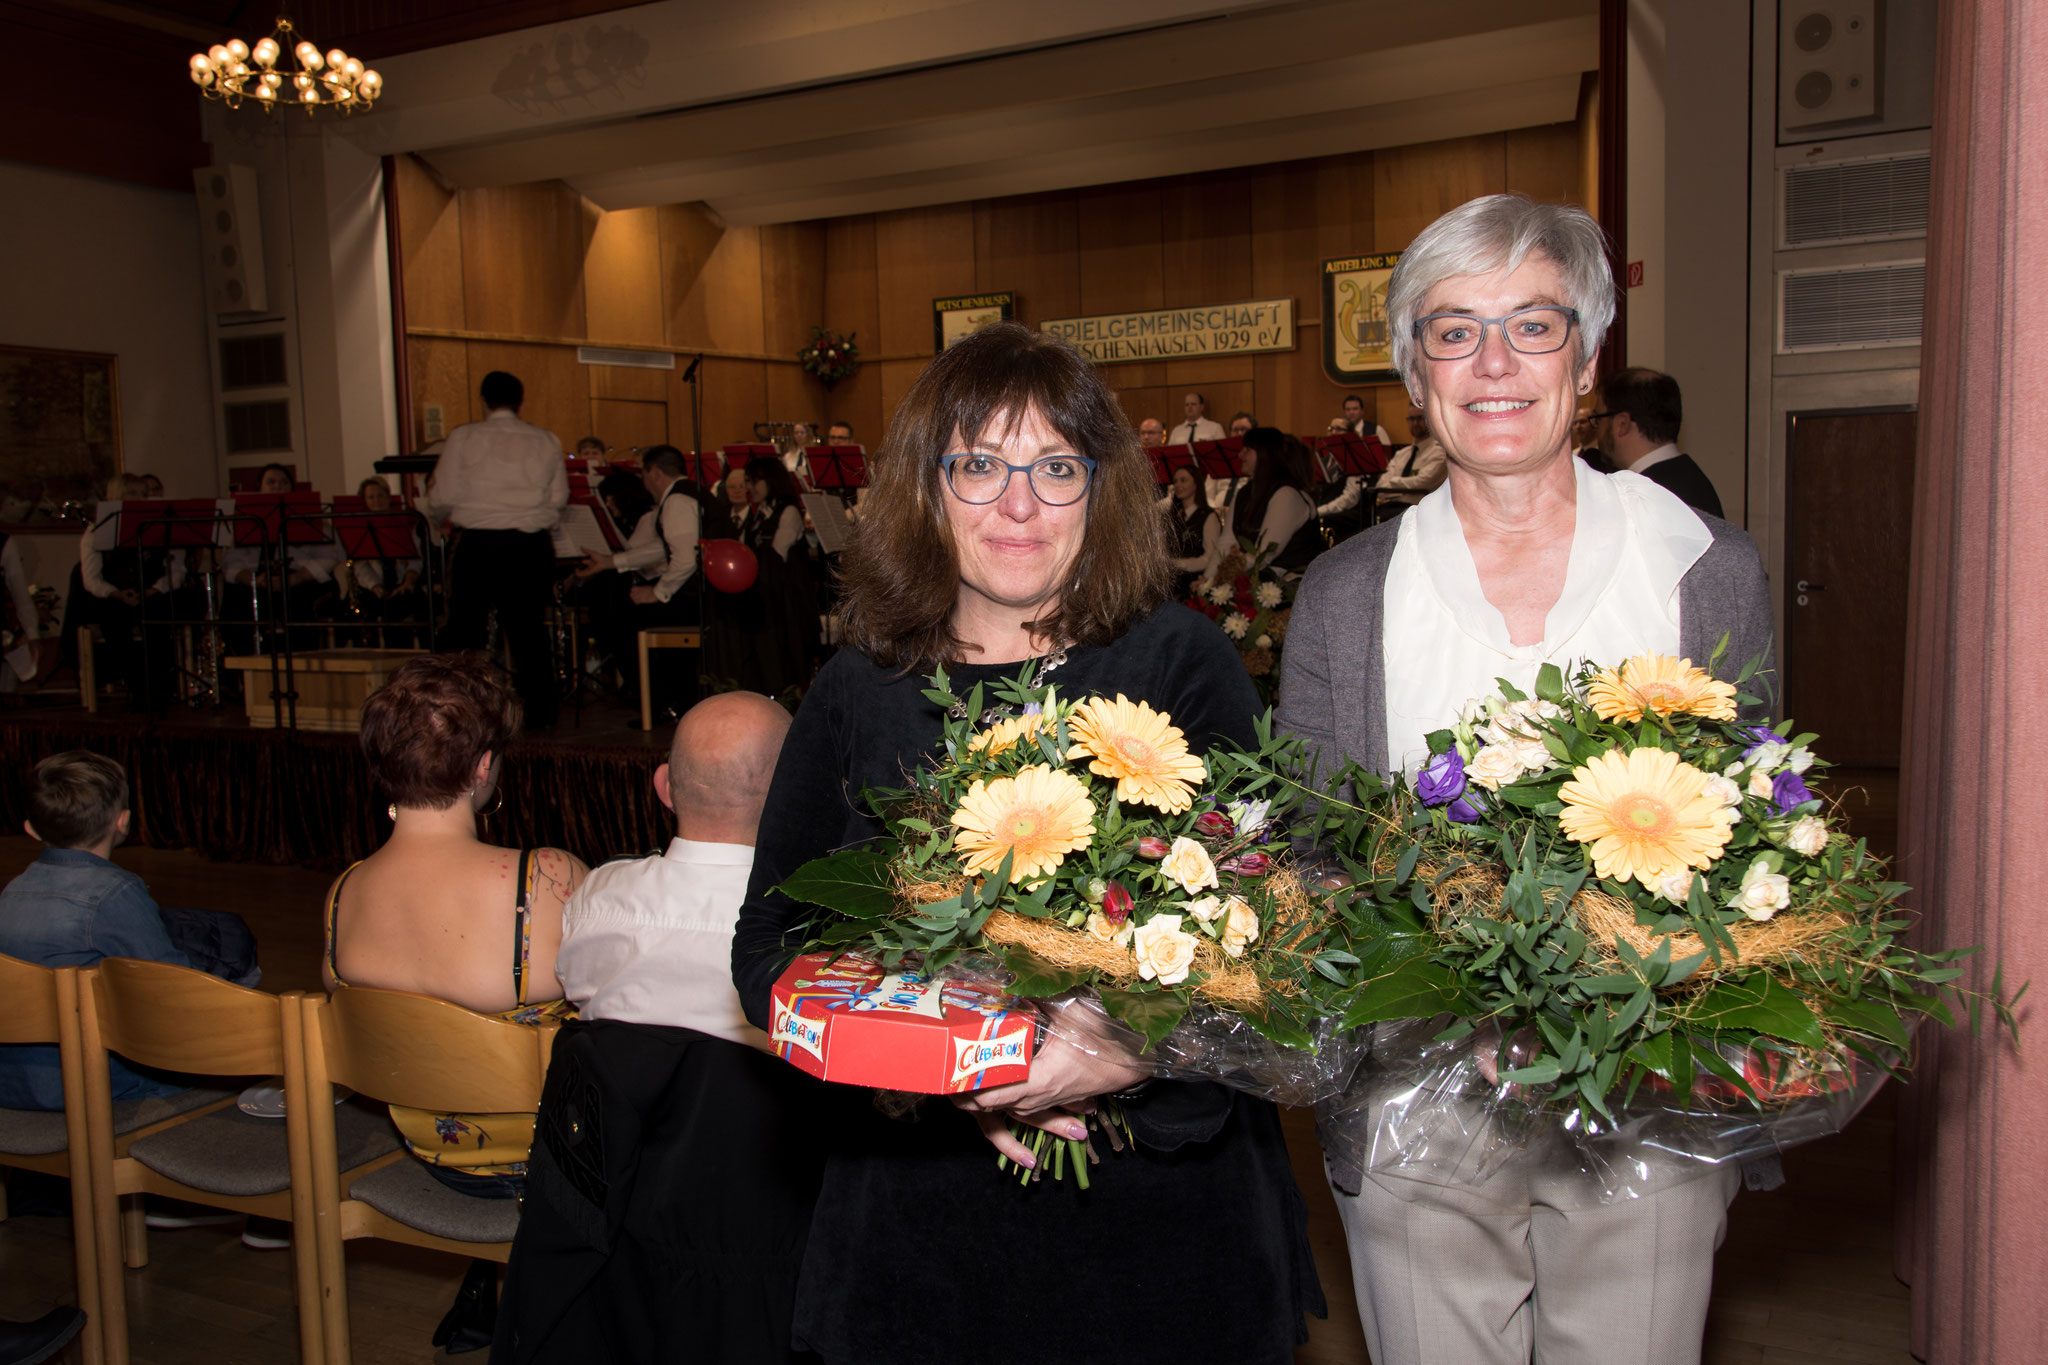 Wir danken Regine und Chistine für ihre Unterstützung und gute Verpflegung bei unseren Probewochenenden und auch sonst überall mit einem kleinen Blumenstrauß.